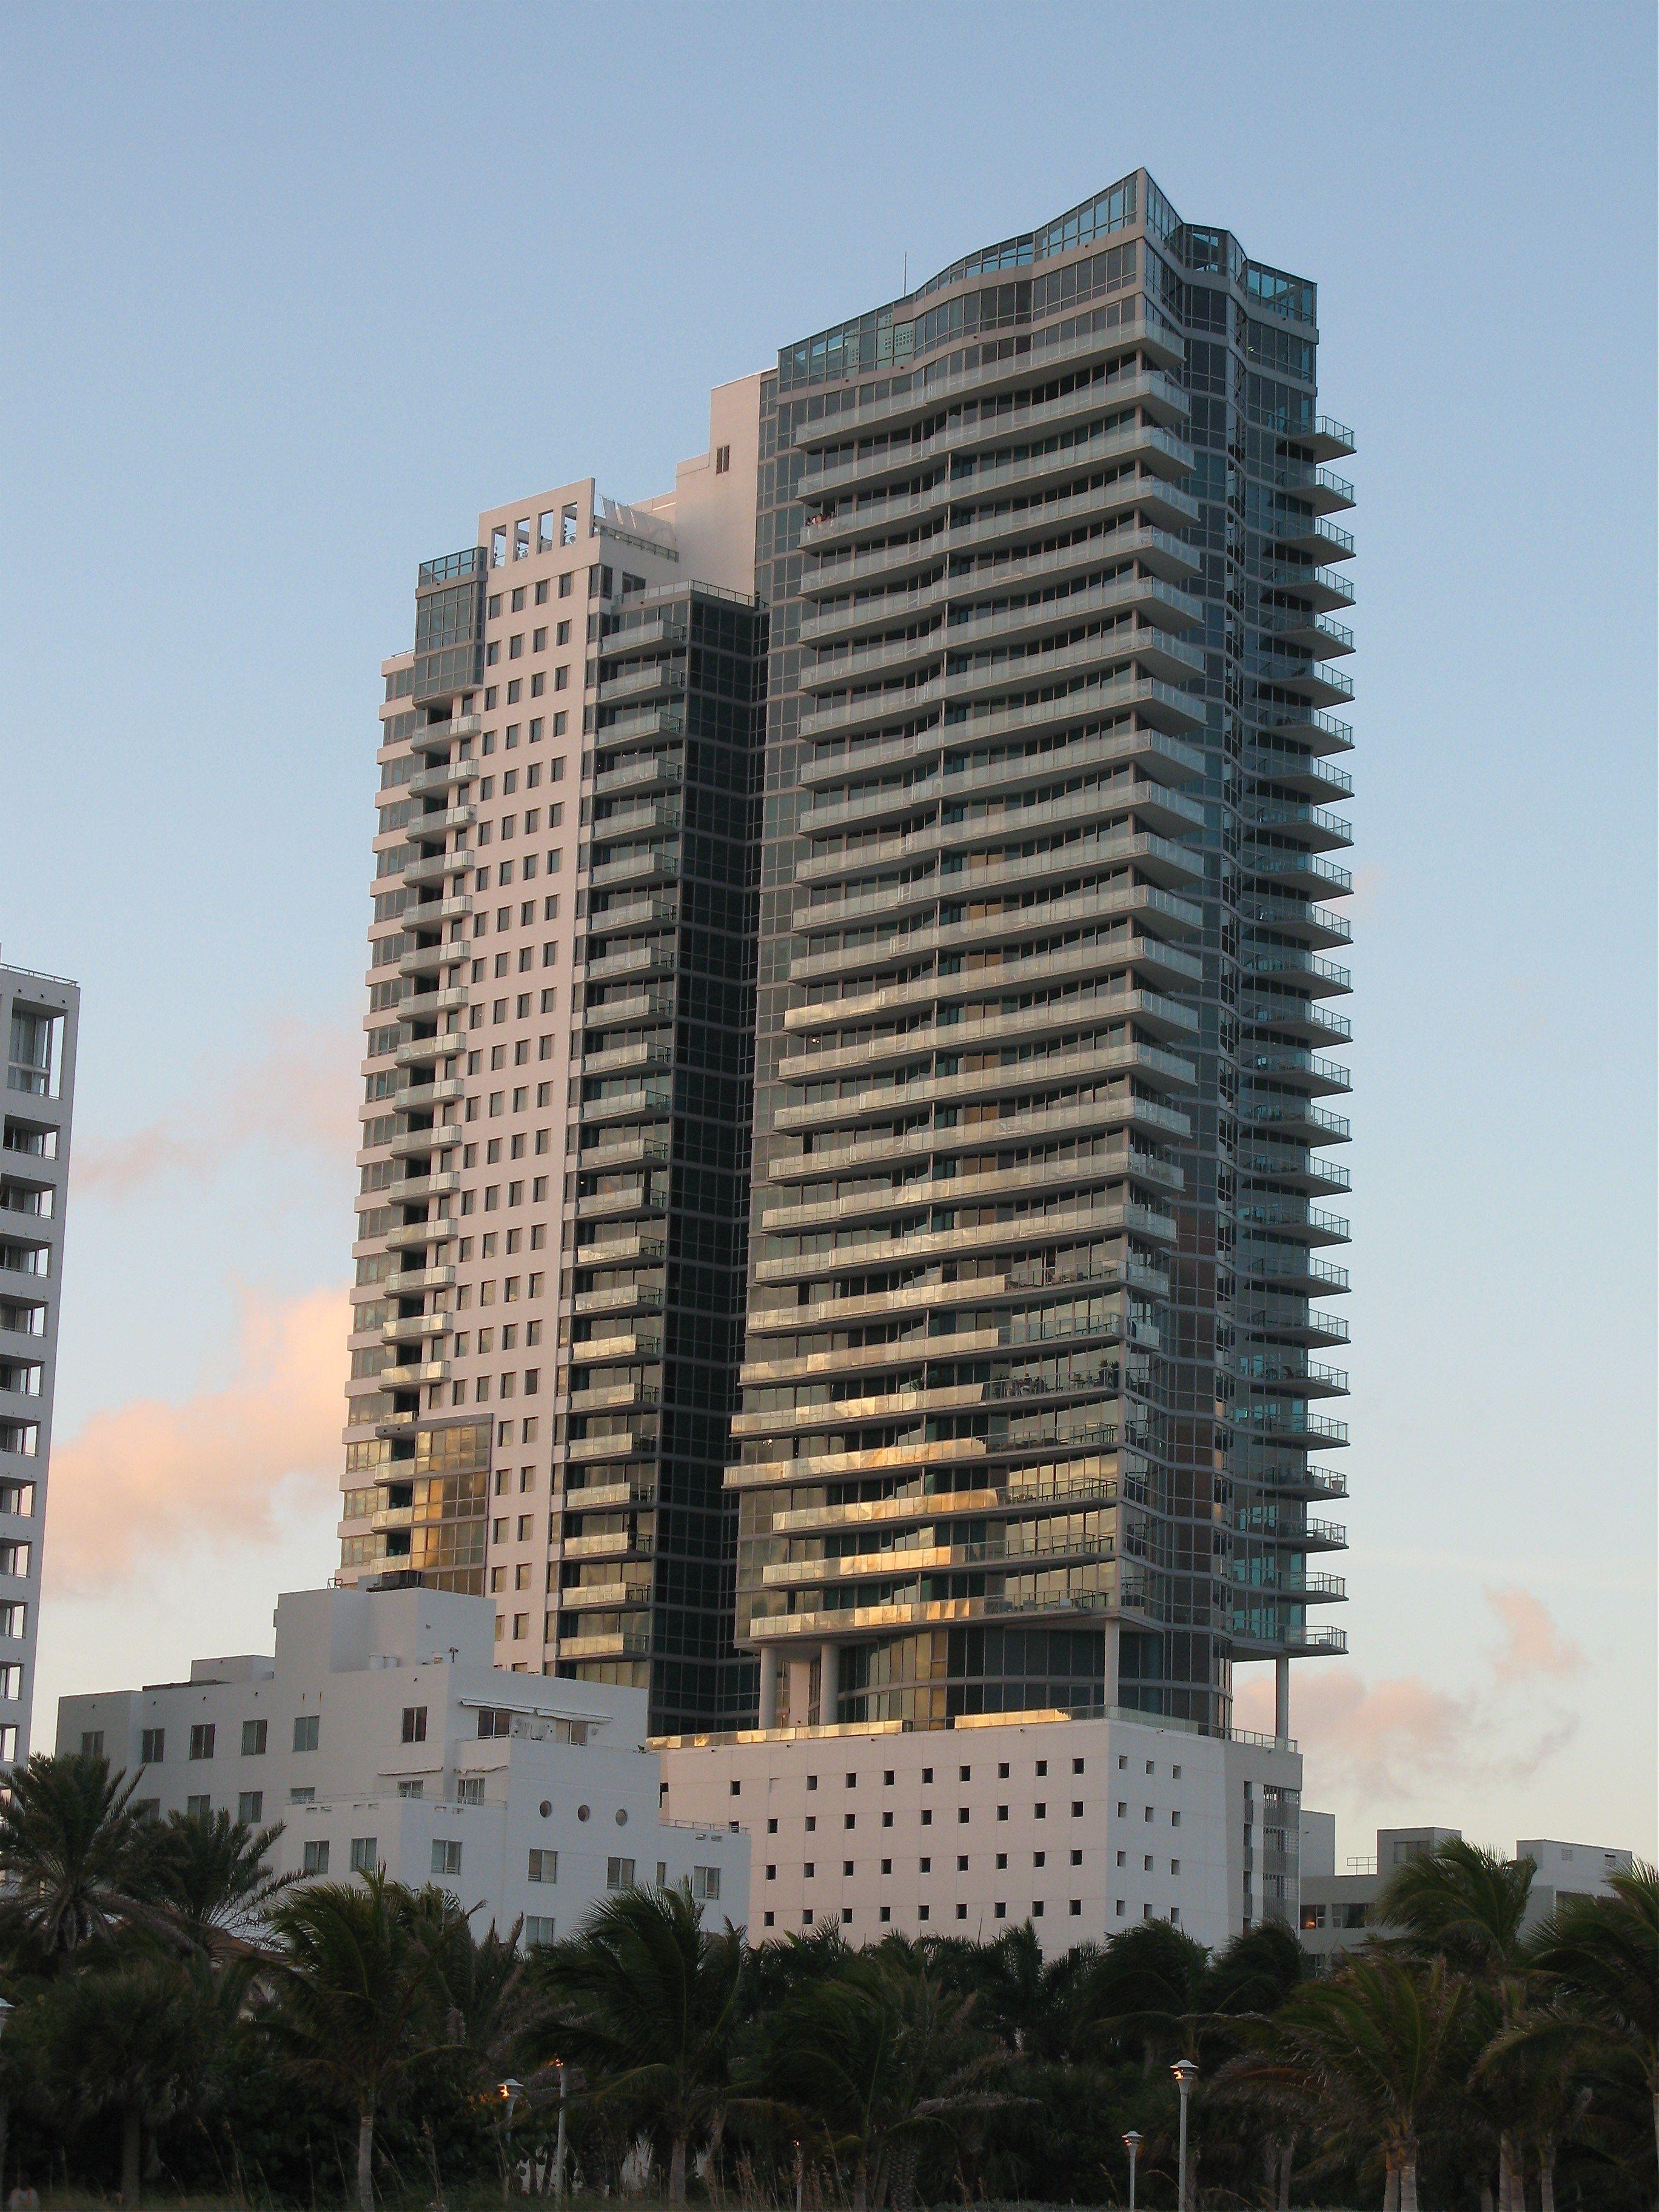 Setai Hotel Miami Beach Florida Click Here To See More